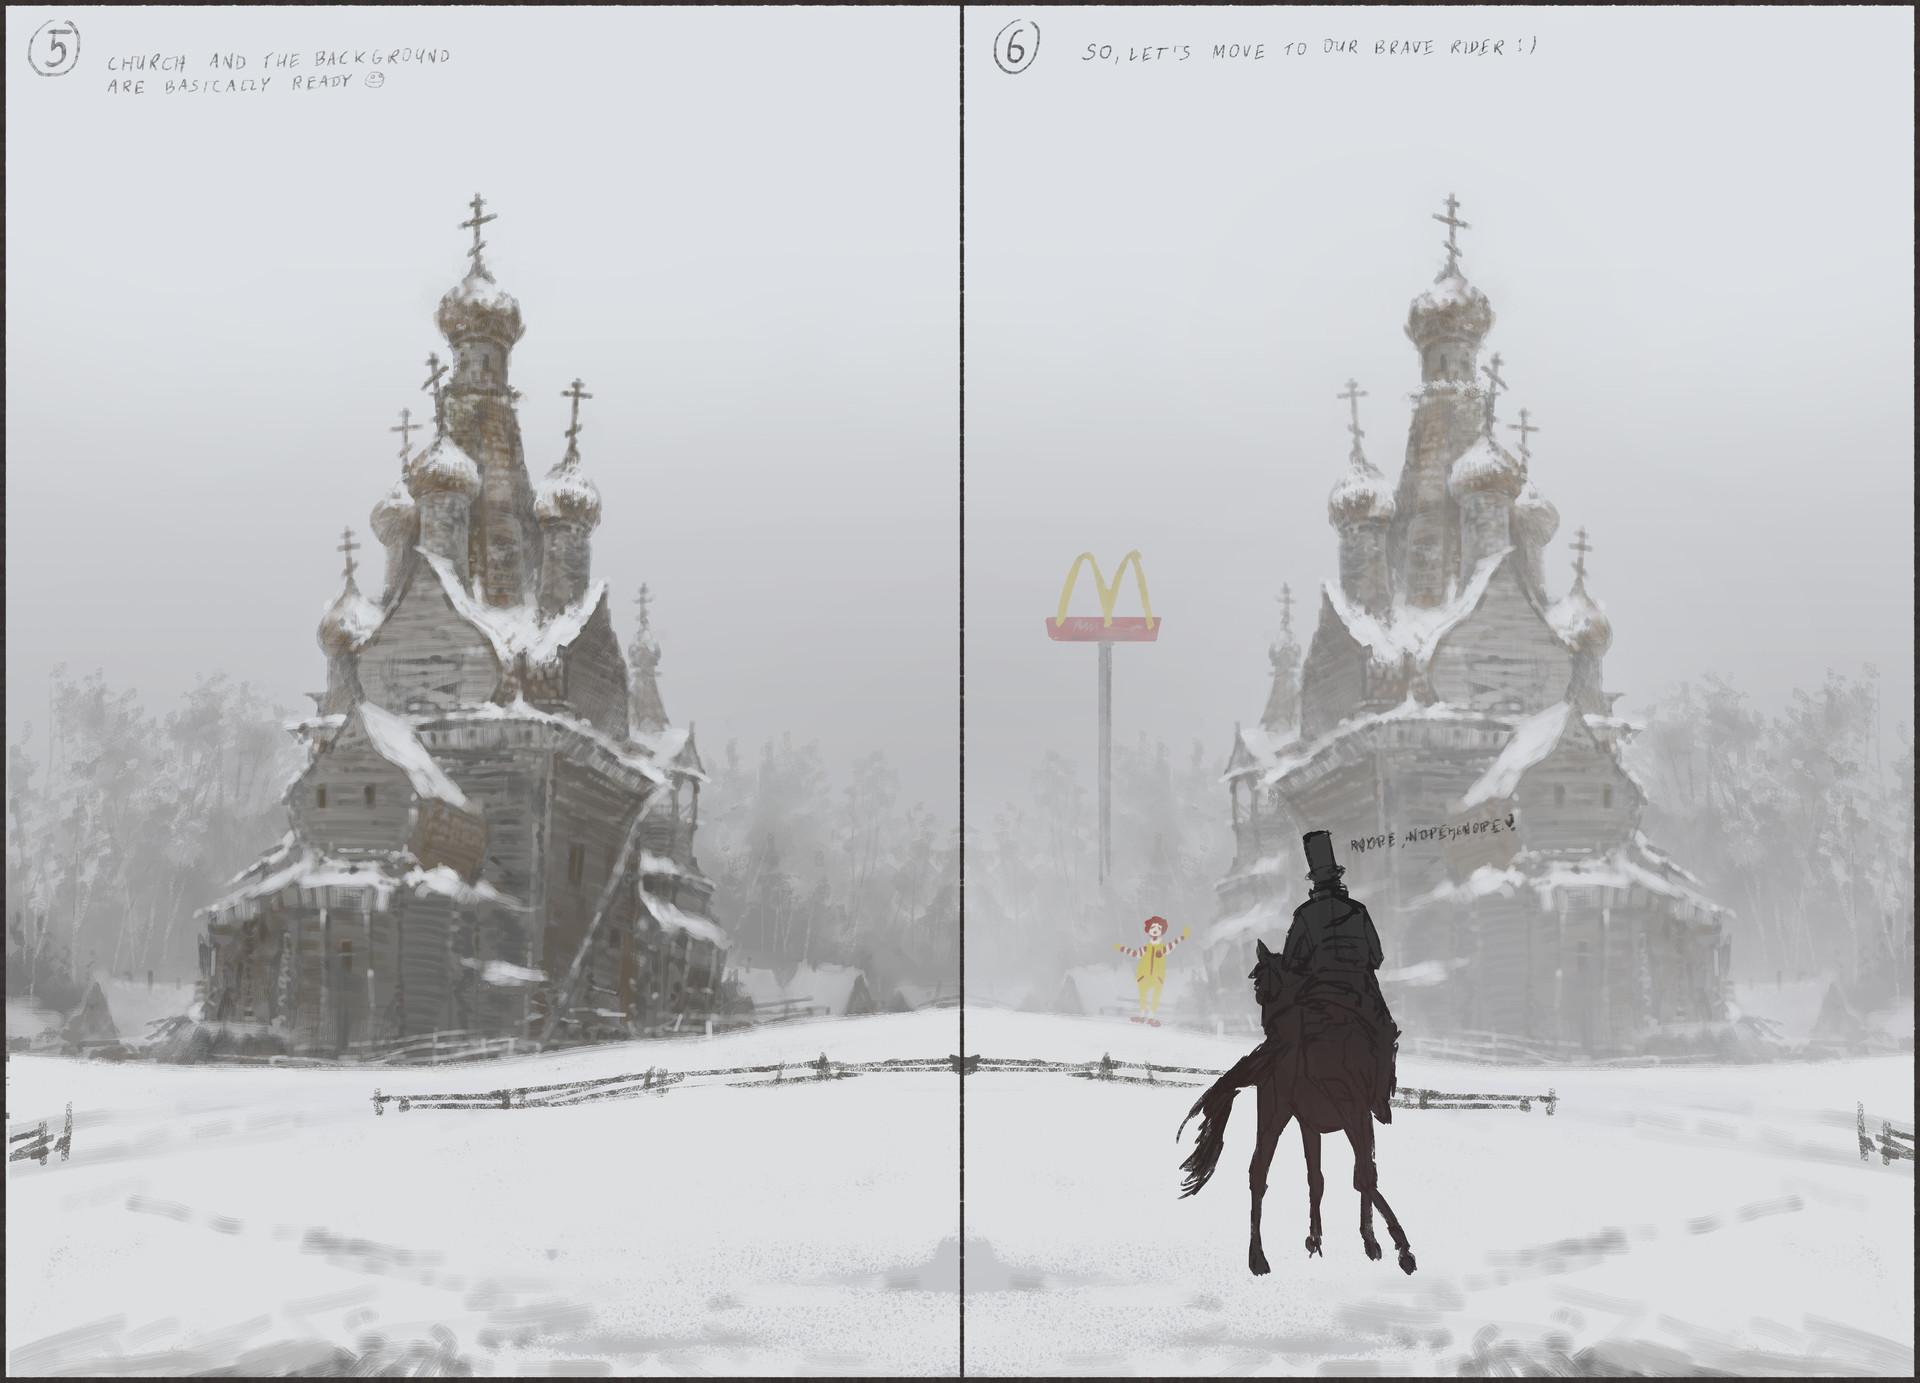 Jakub rozalski unholy land werewolf01process03